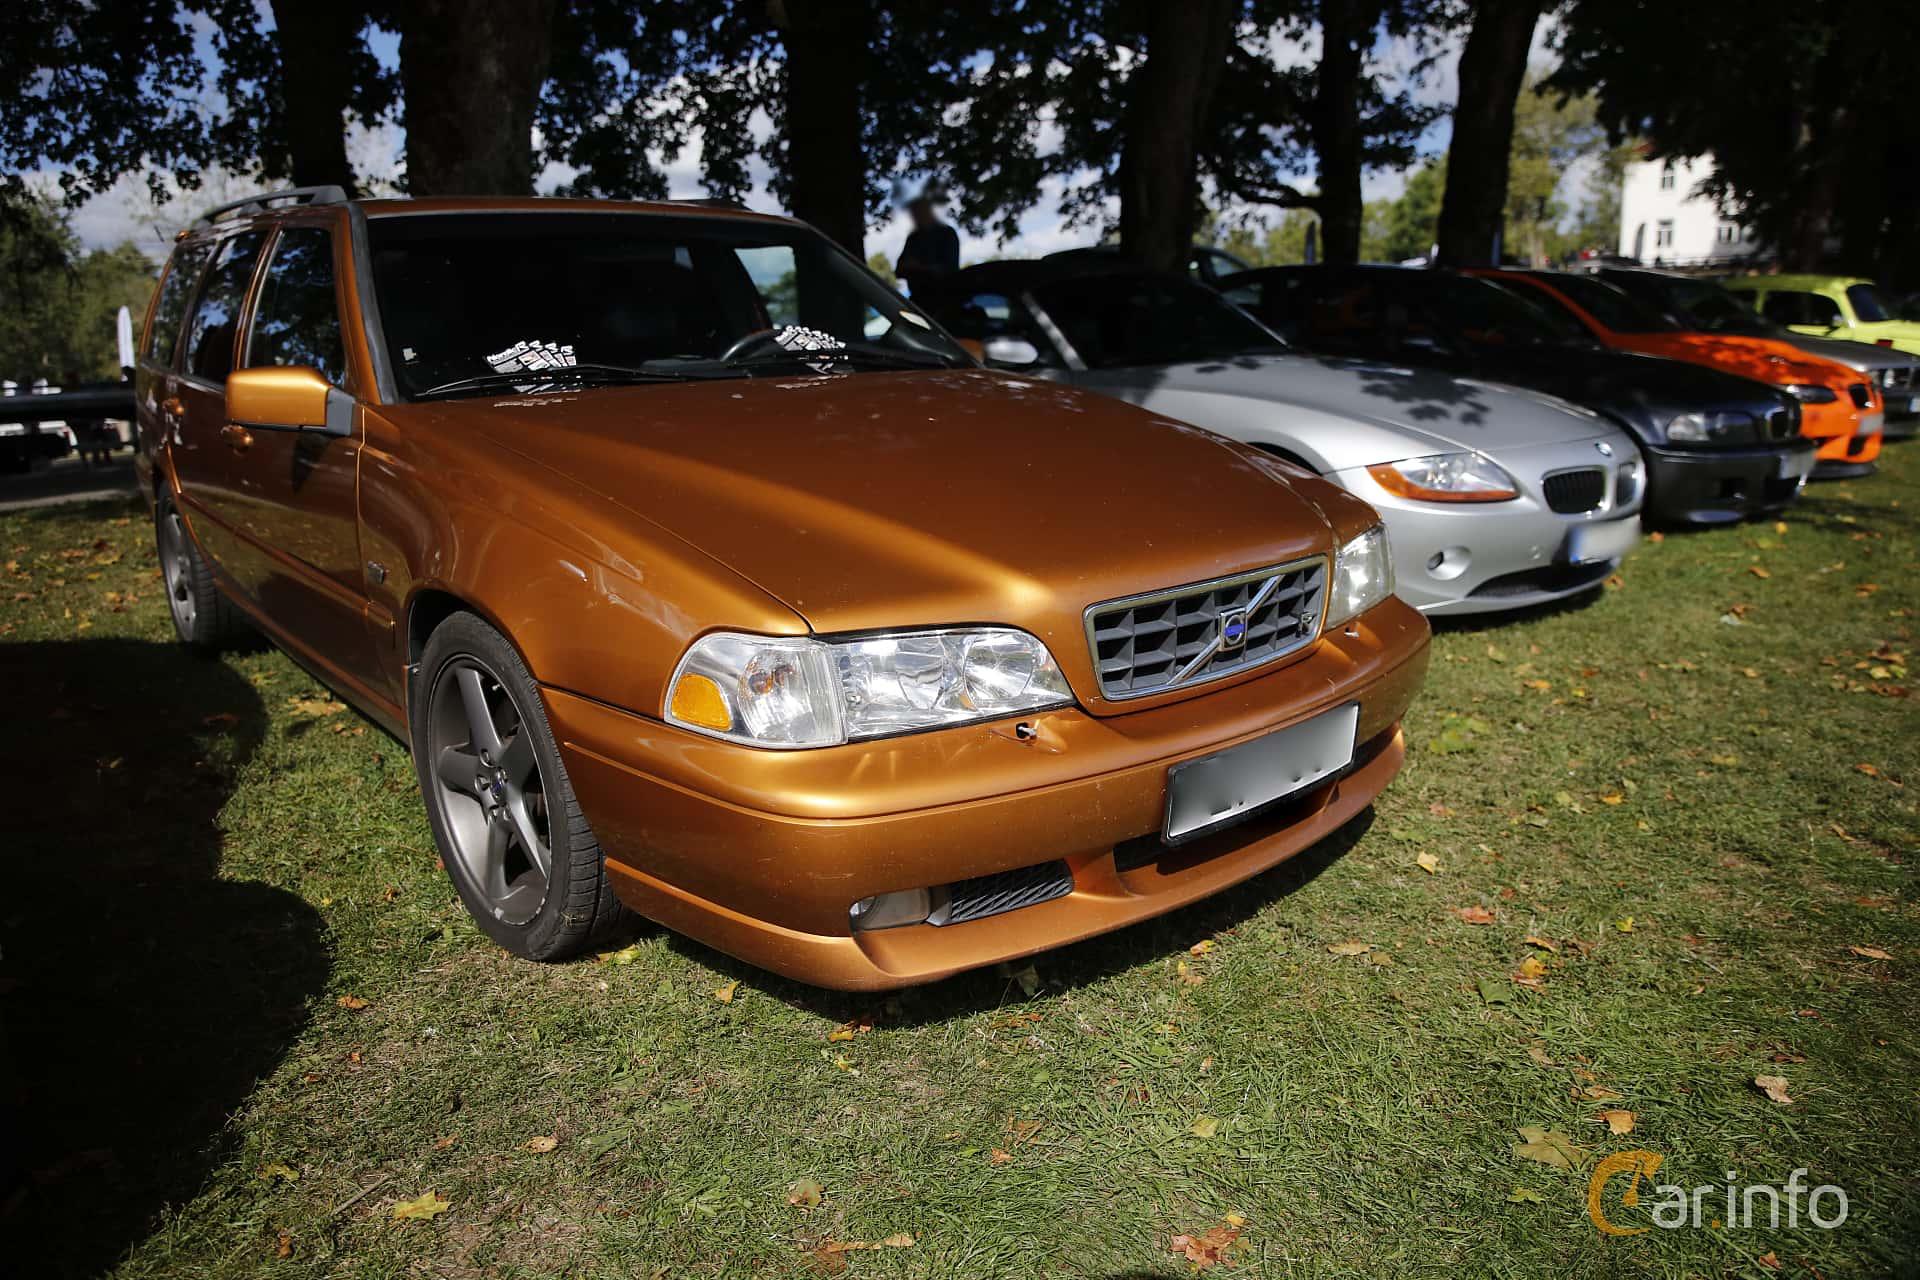 Volvo V70 Generation L 23 R Awd Manual 5 Speed 1998 S70 Fuel Filter Location